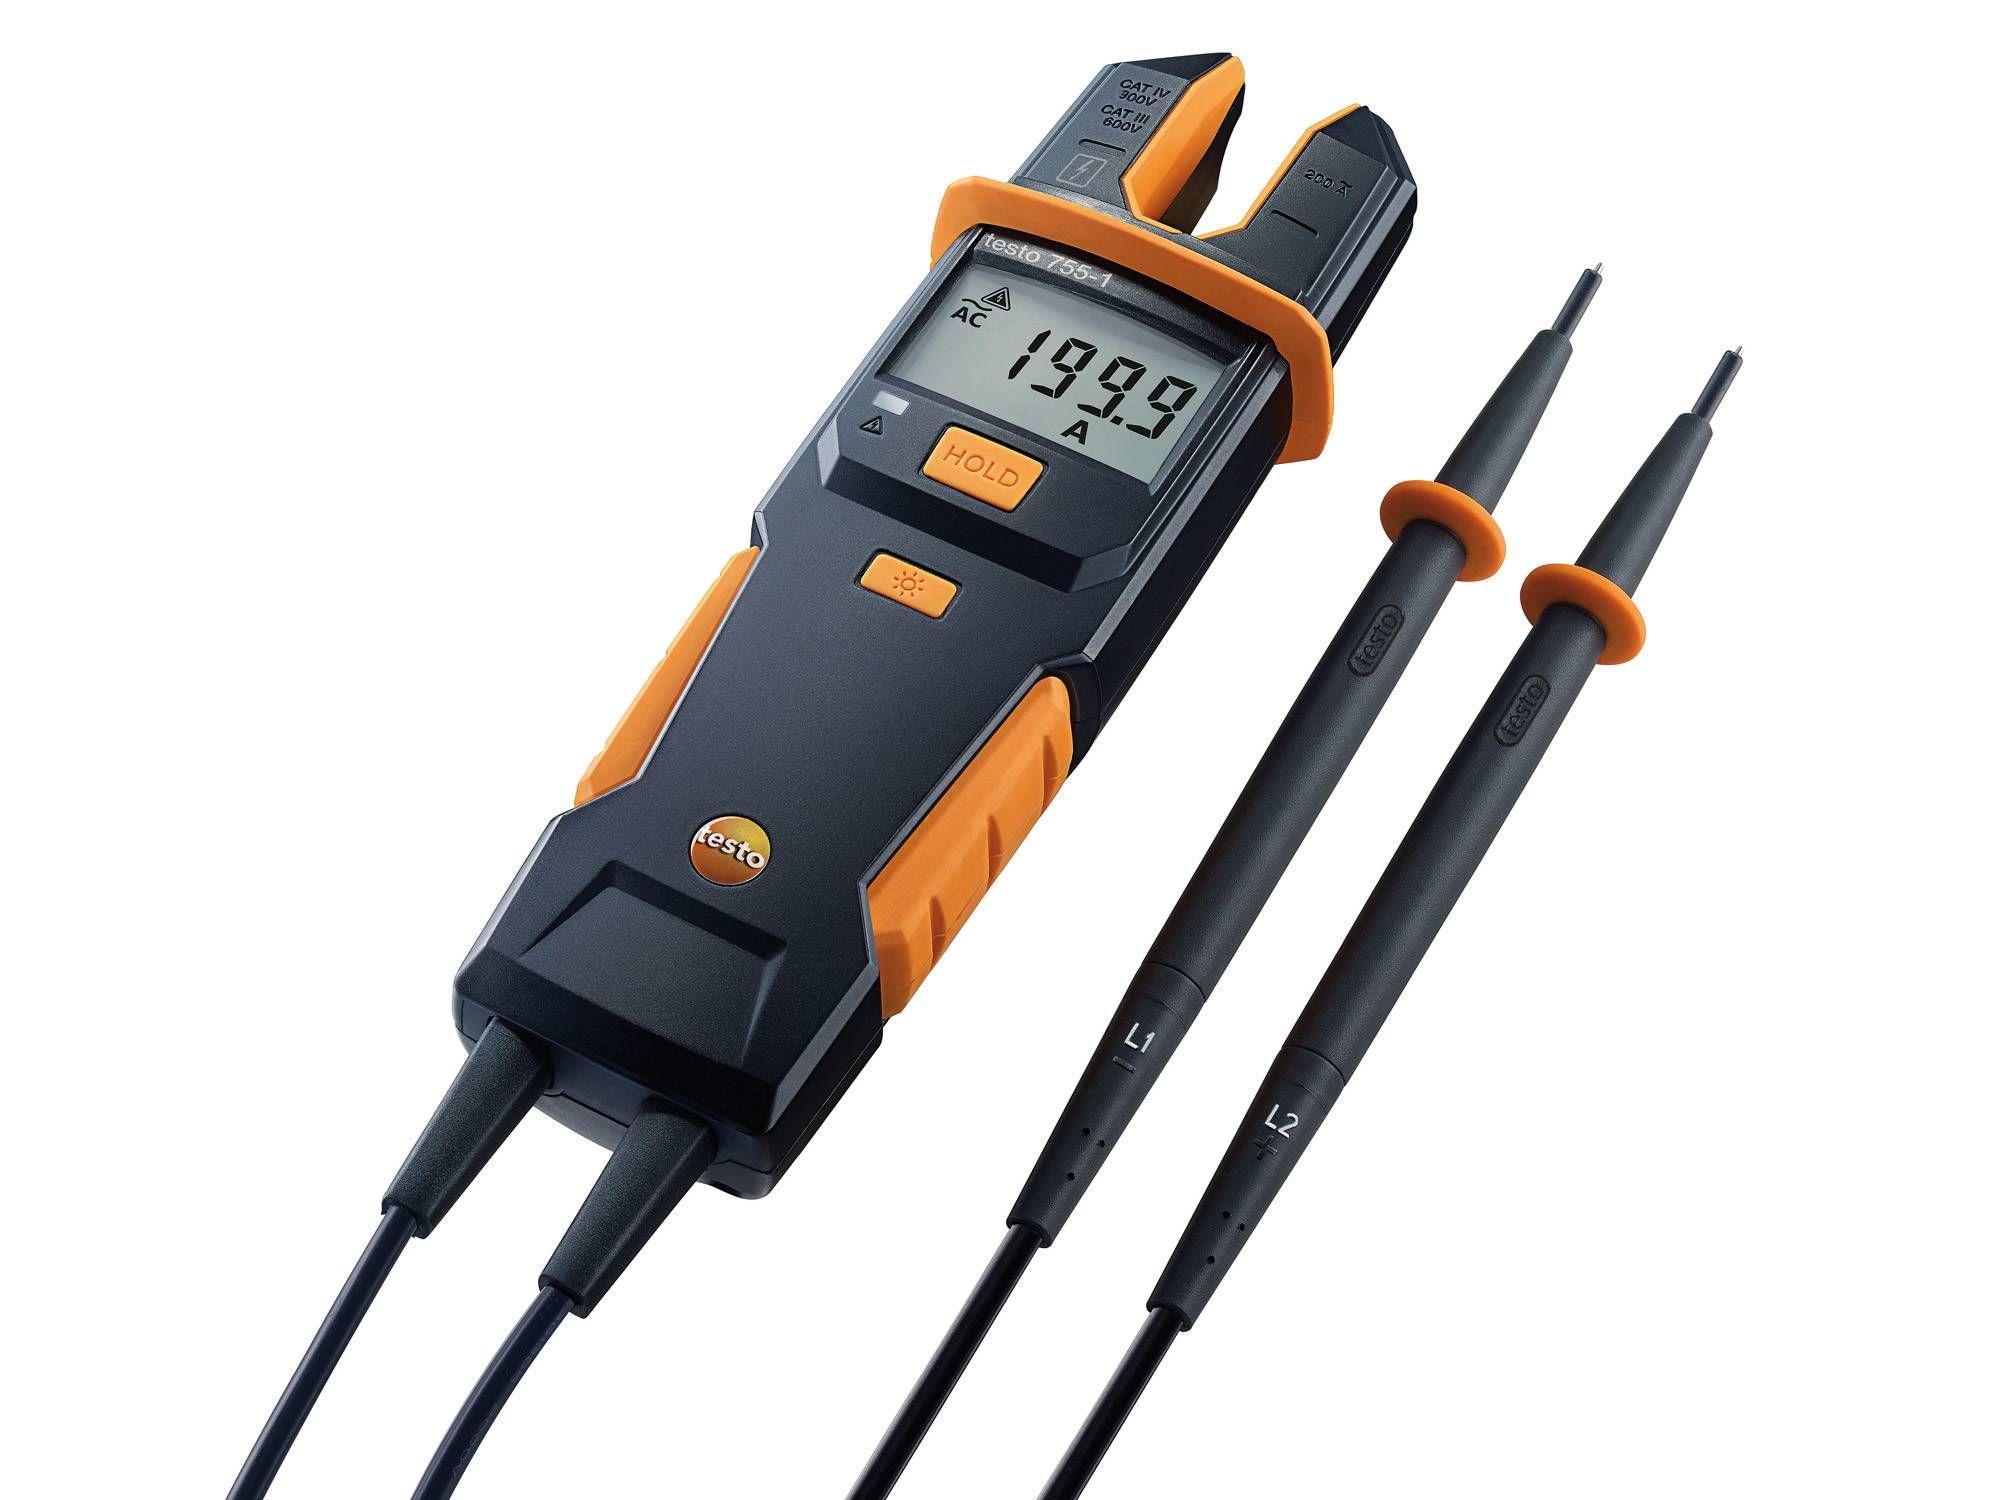 Tester de curent/tensiune testo 755-1